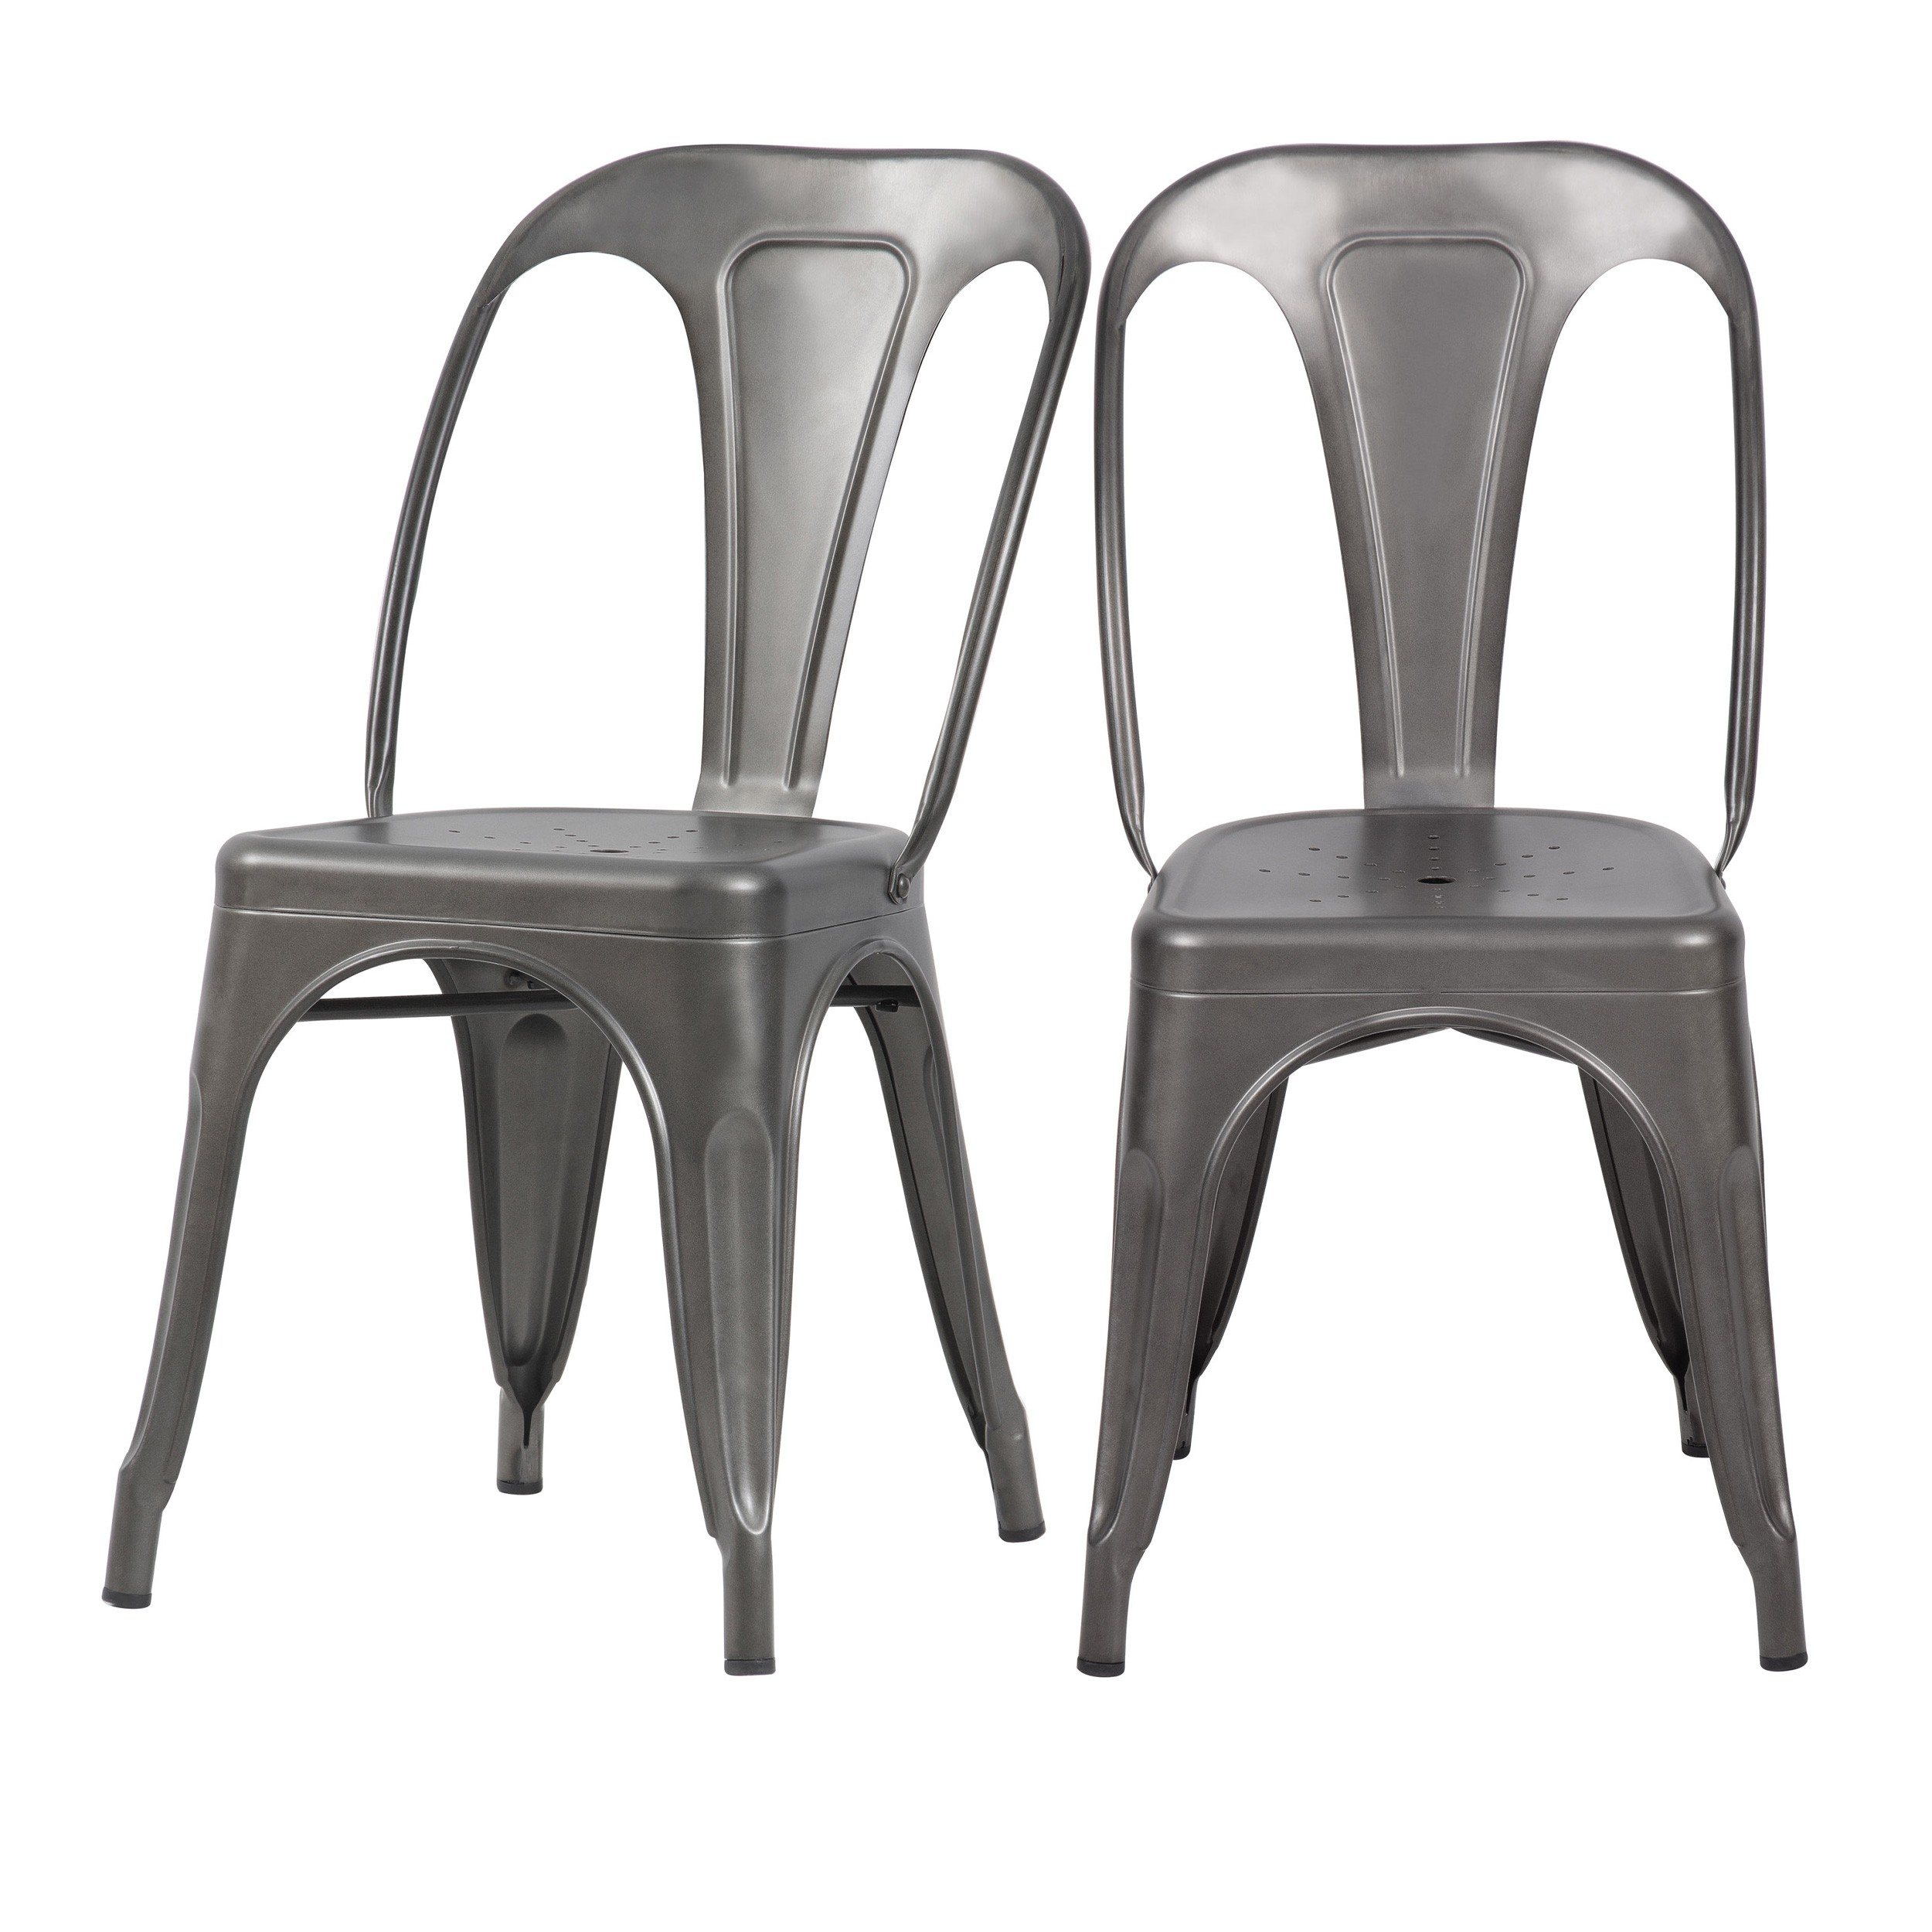 Chaise Indus gris acier (lot de 5)